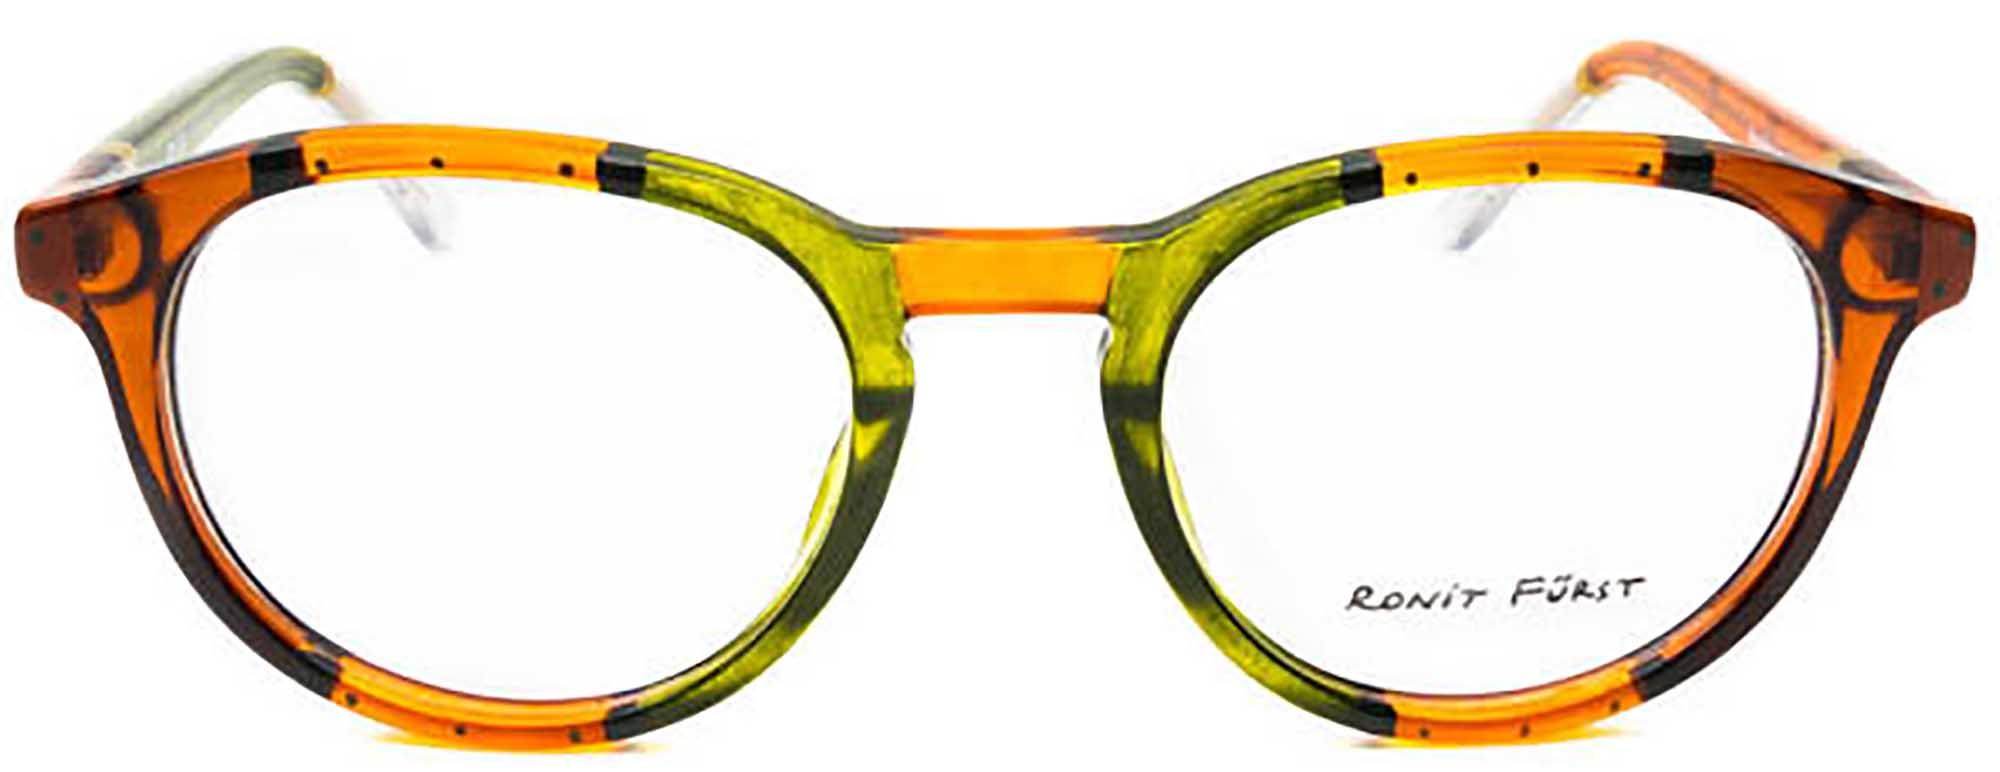 רונית פירסט, משקפיים, מגזין אופנה ישראלי - אופנה - 7